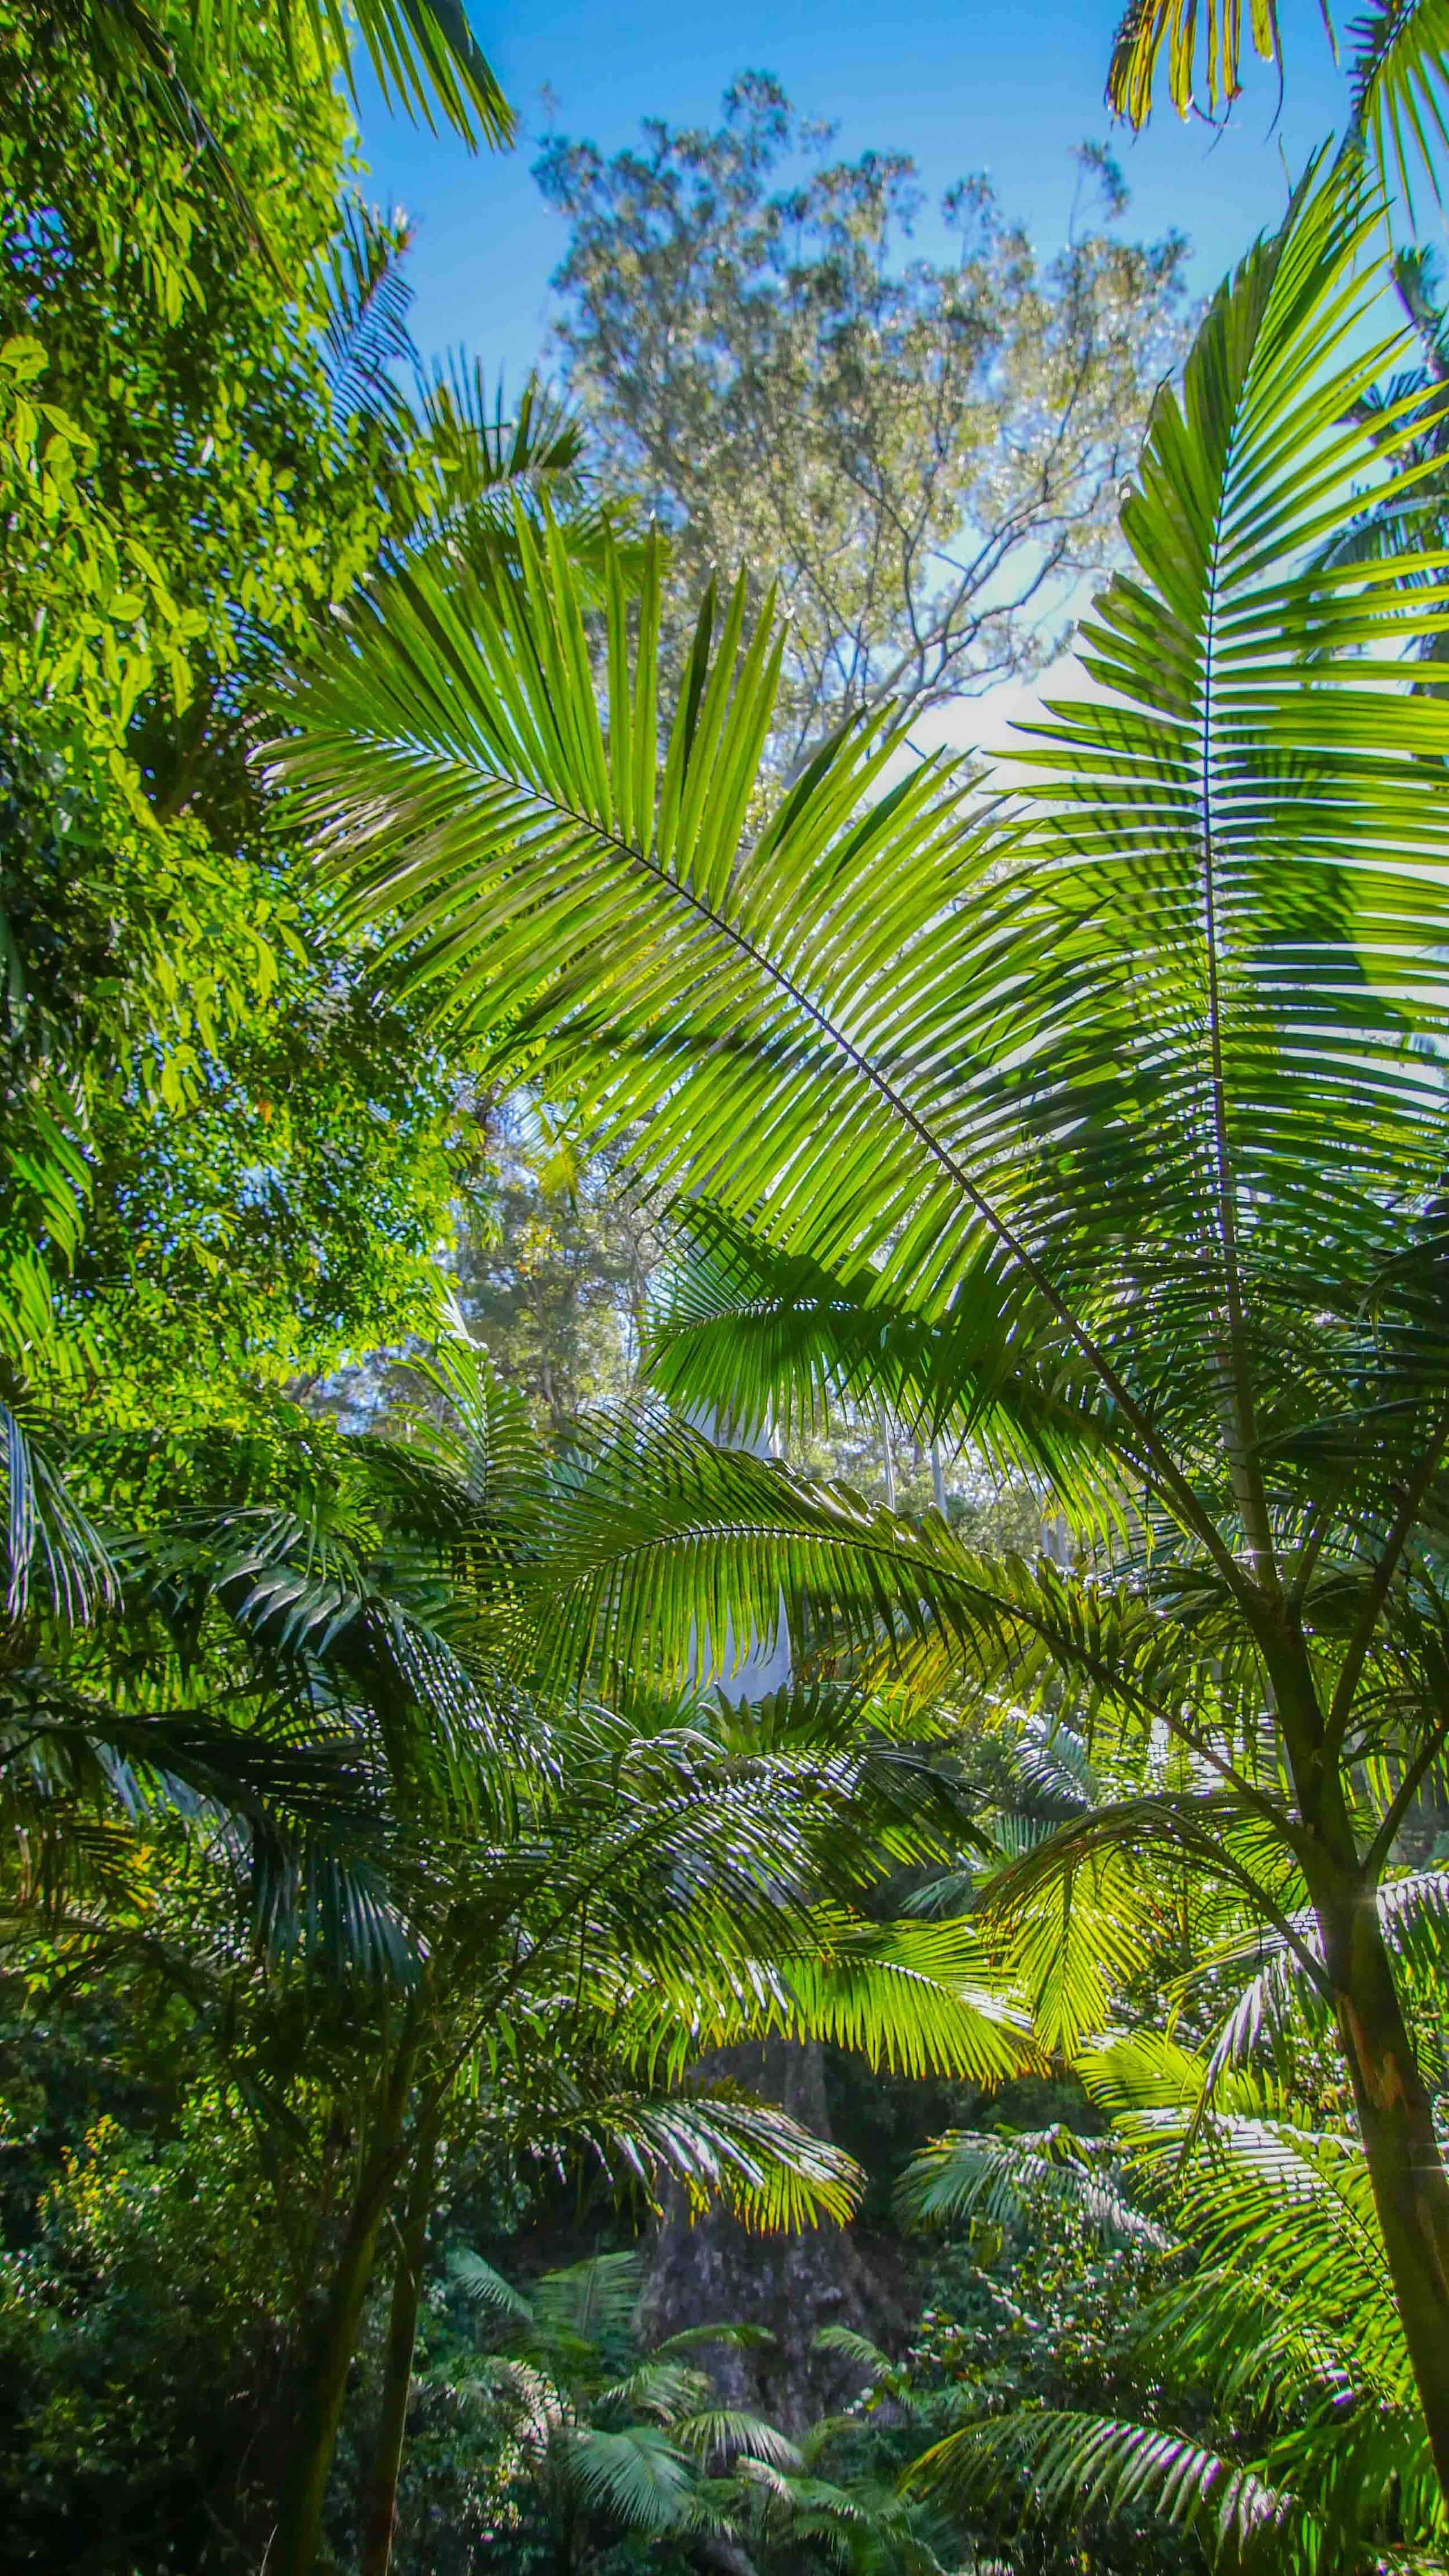 Northern NSW Road Trip Australia Van Life (11 of 15).jpg